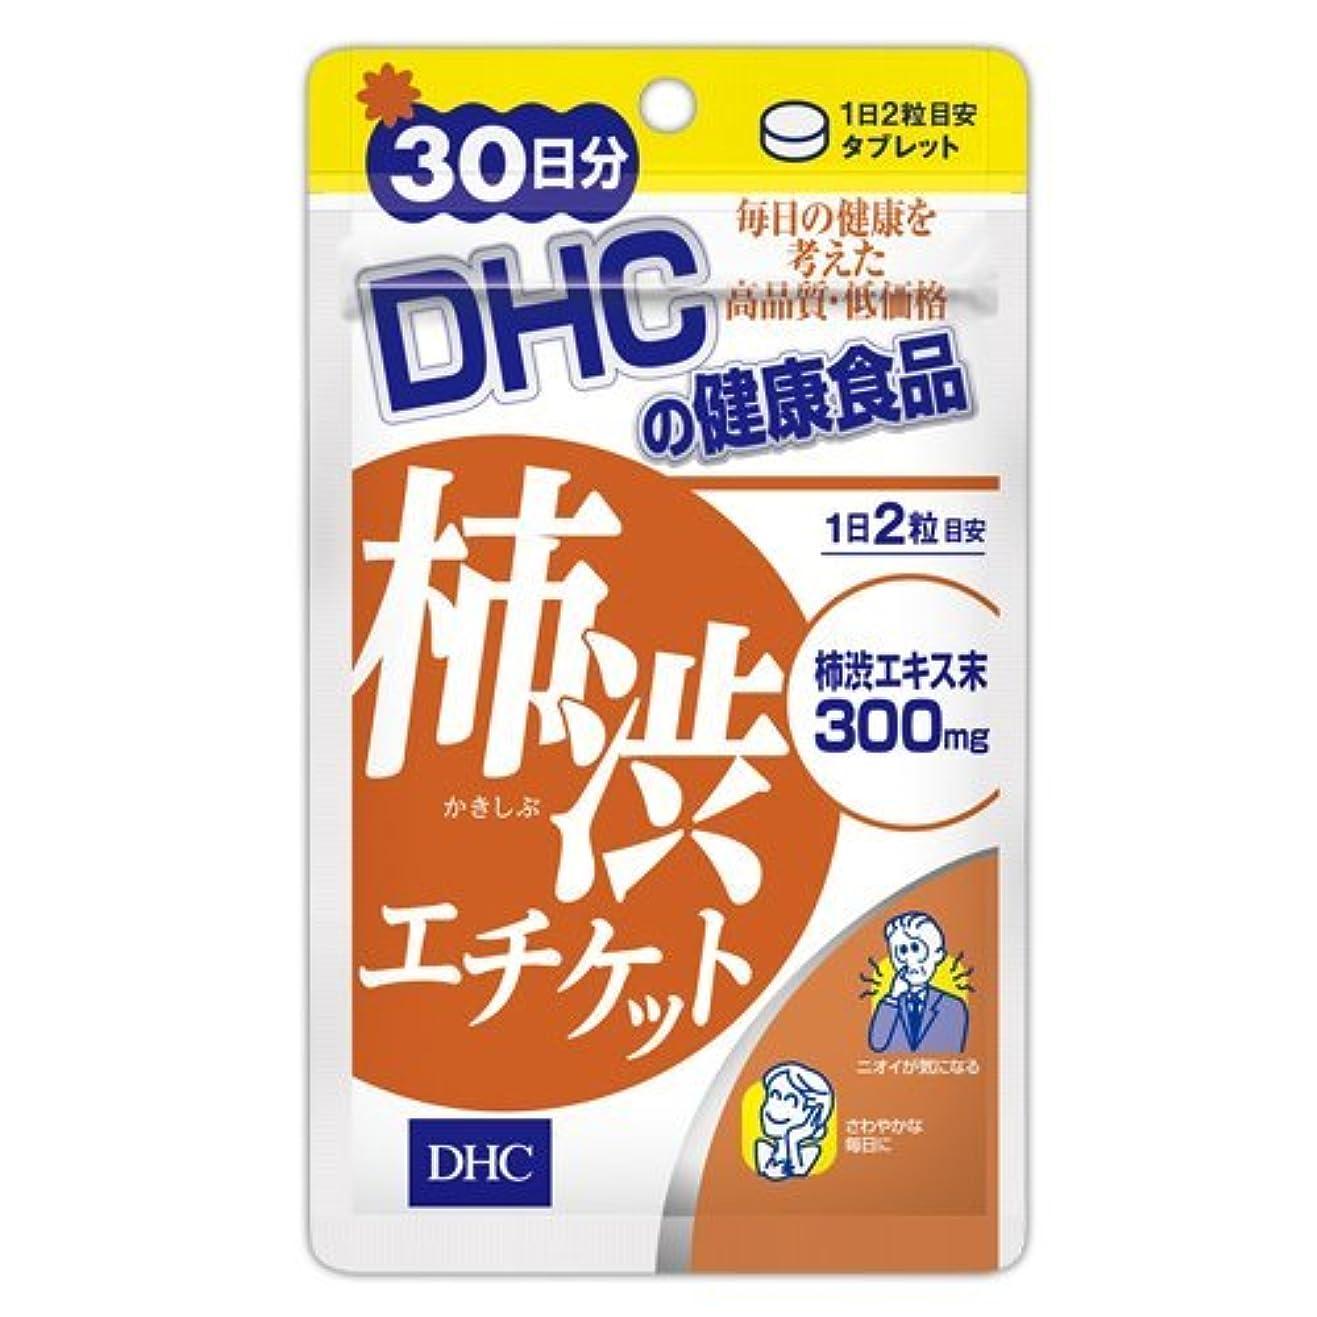 考え失山岳DHC 柿渋エチケット 30日分 60粒入